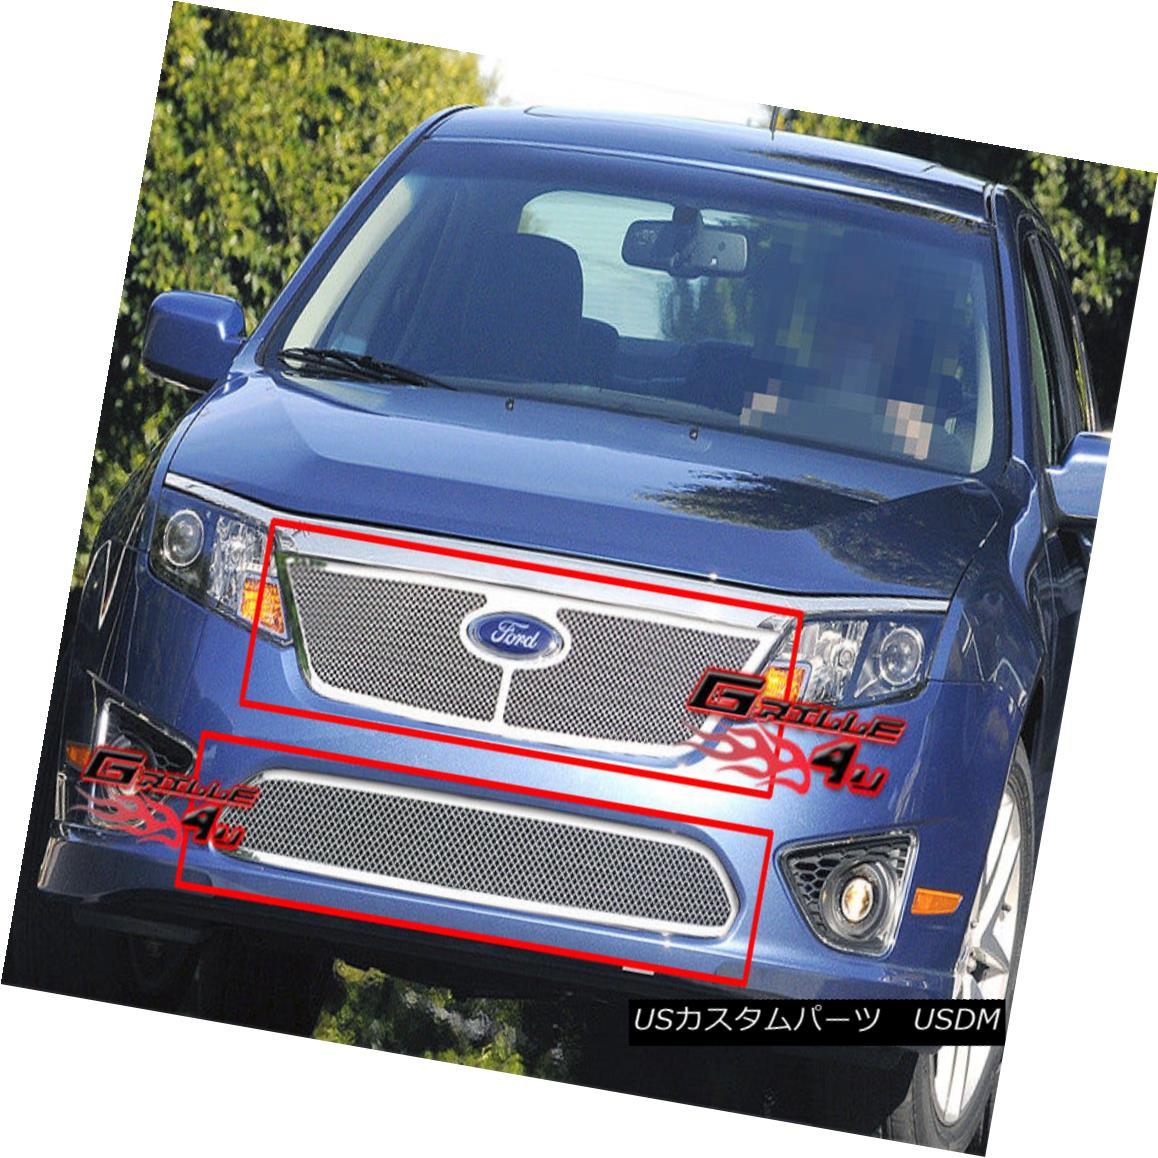 グリル Custom Fits 10-12 2012 Ford Fusion Mesh Grill Combo カスタムフィット10-12 2012 Ford Fusion Mesh Grill Combo